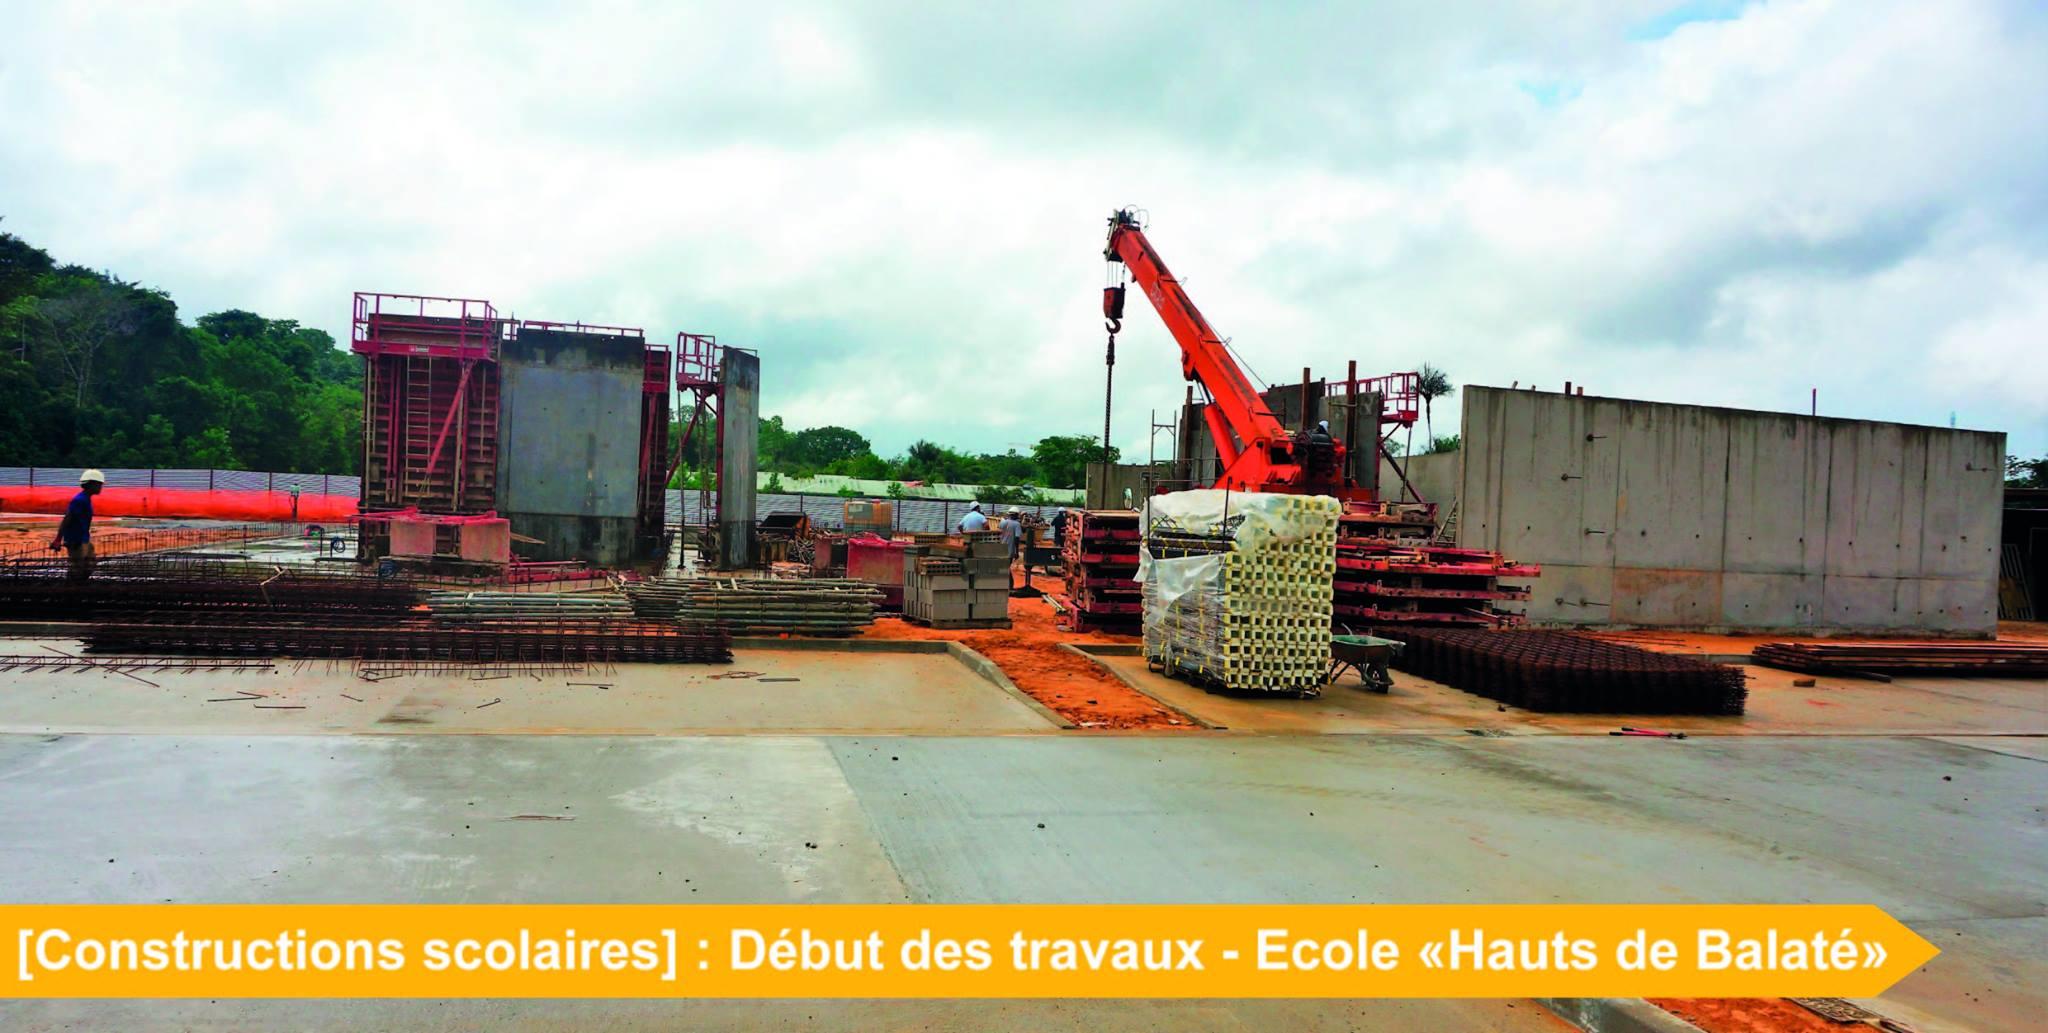 [Constructions scolaires] : construction en cours du groupe scolaire « Les hauts de Balaté » – route de Saint-Jean